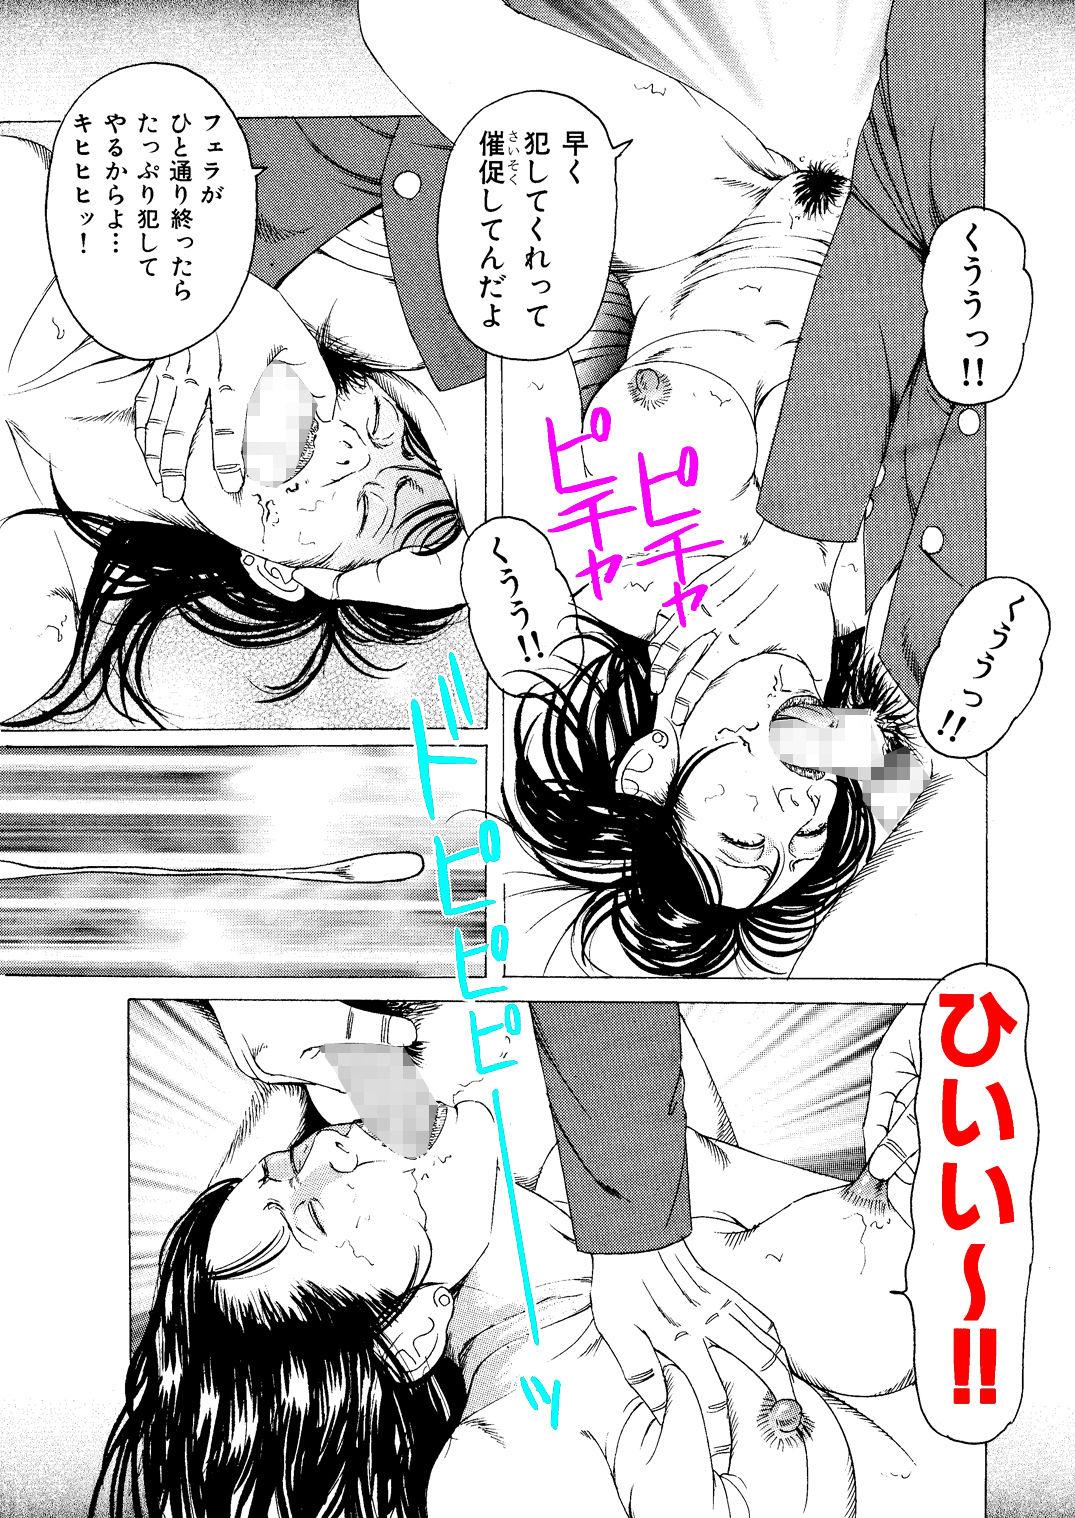 同人ガール:[同人]「女教師 輪姦調教」(角雨和八(つのあめかずや))